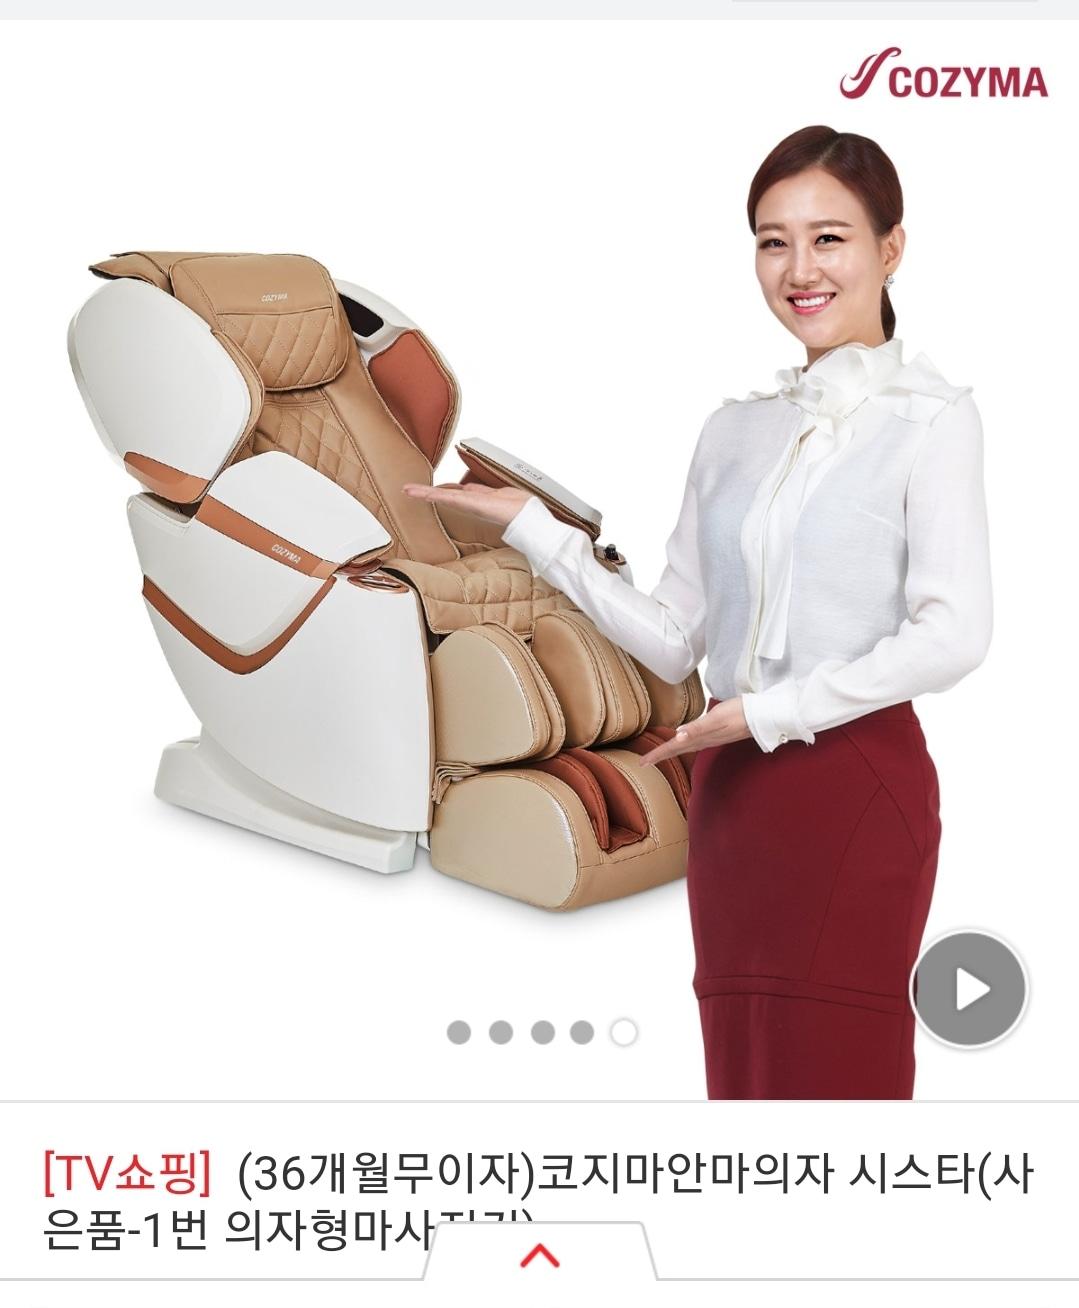 코지마 안마의자 CMC-XL400_새제품_코지마 본사 무료배송